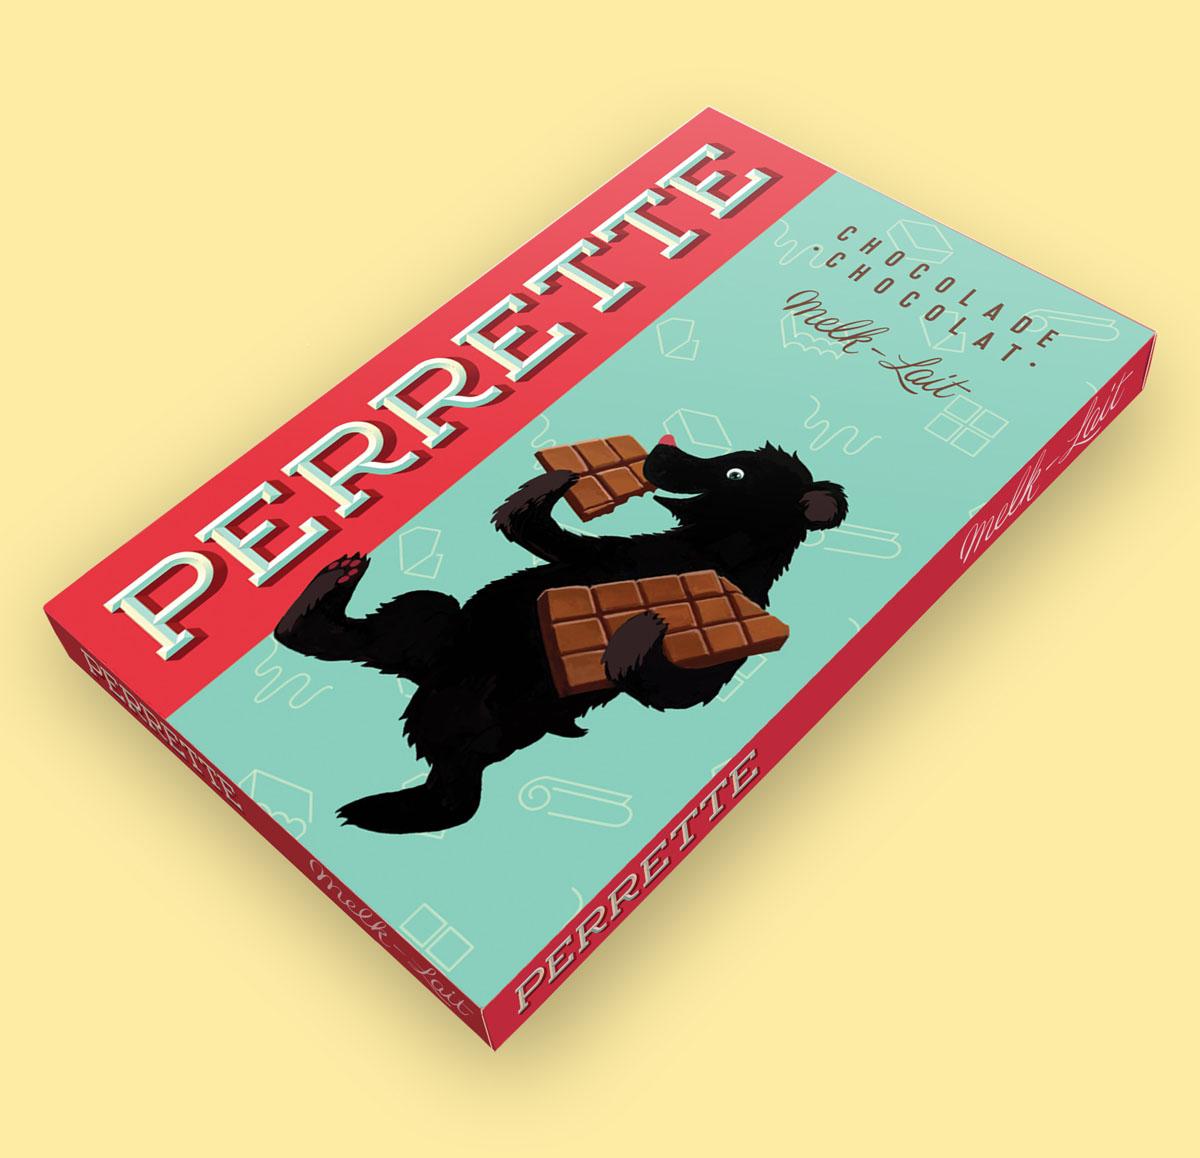 Perrette-packaging©StudioPieterBoels.jpg